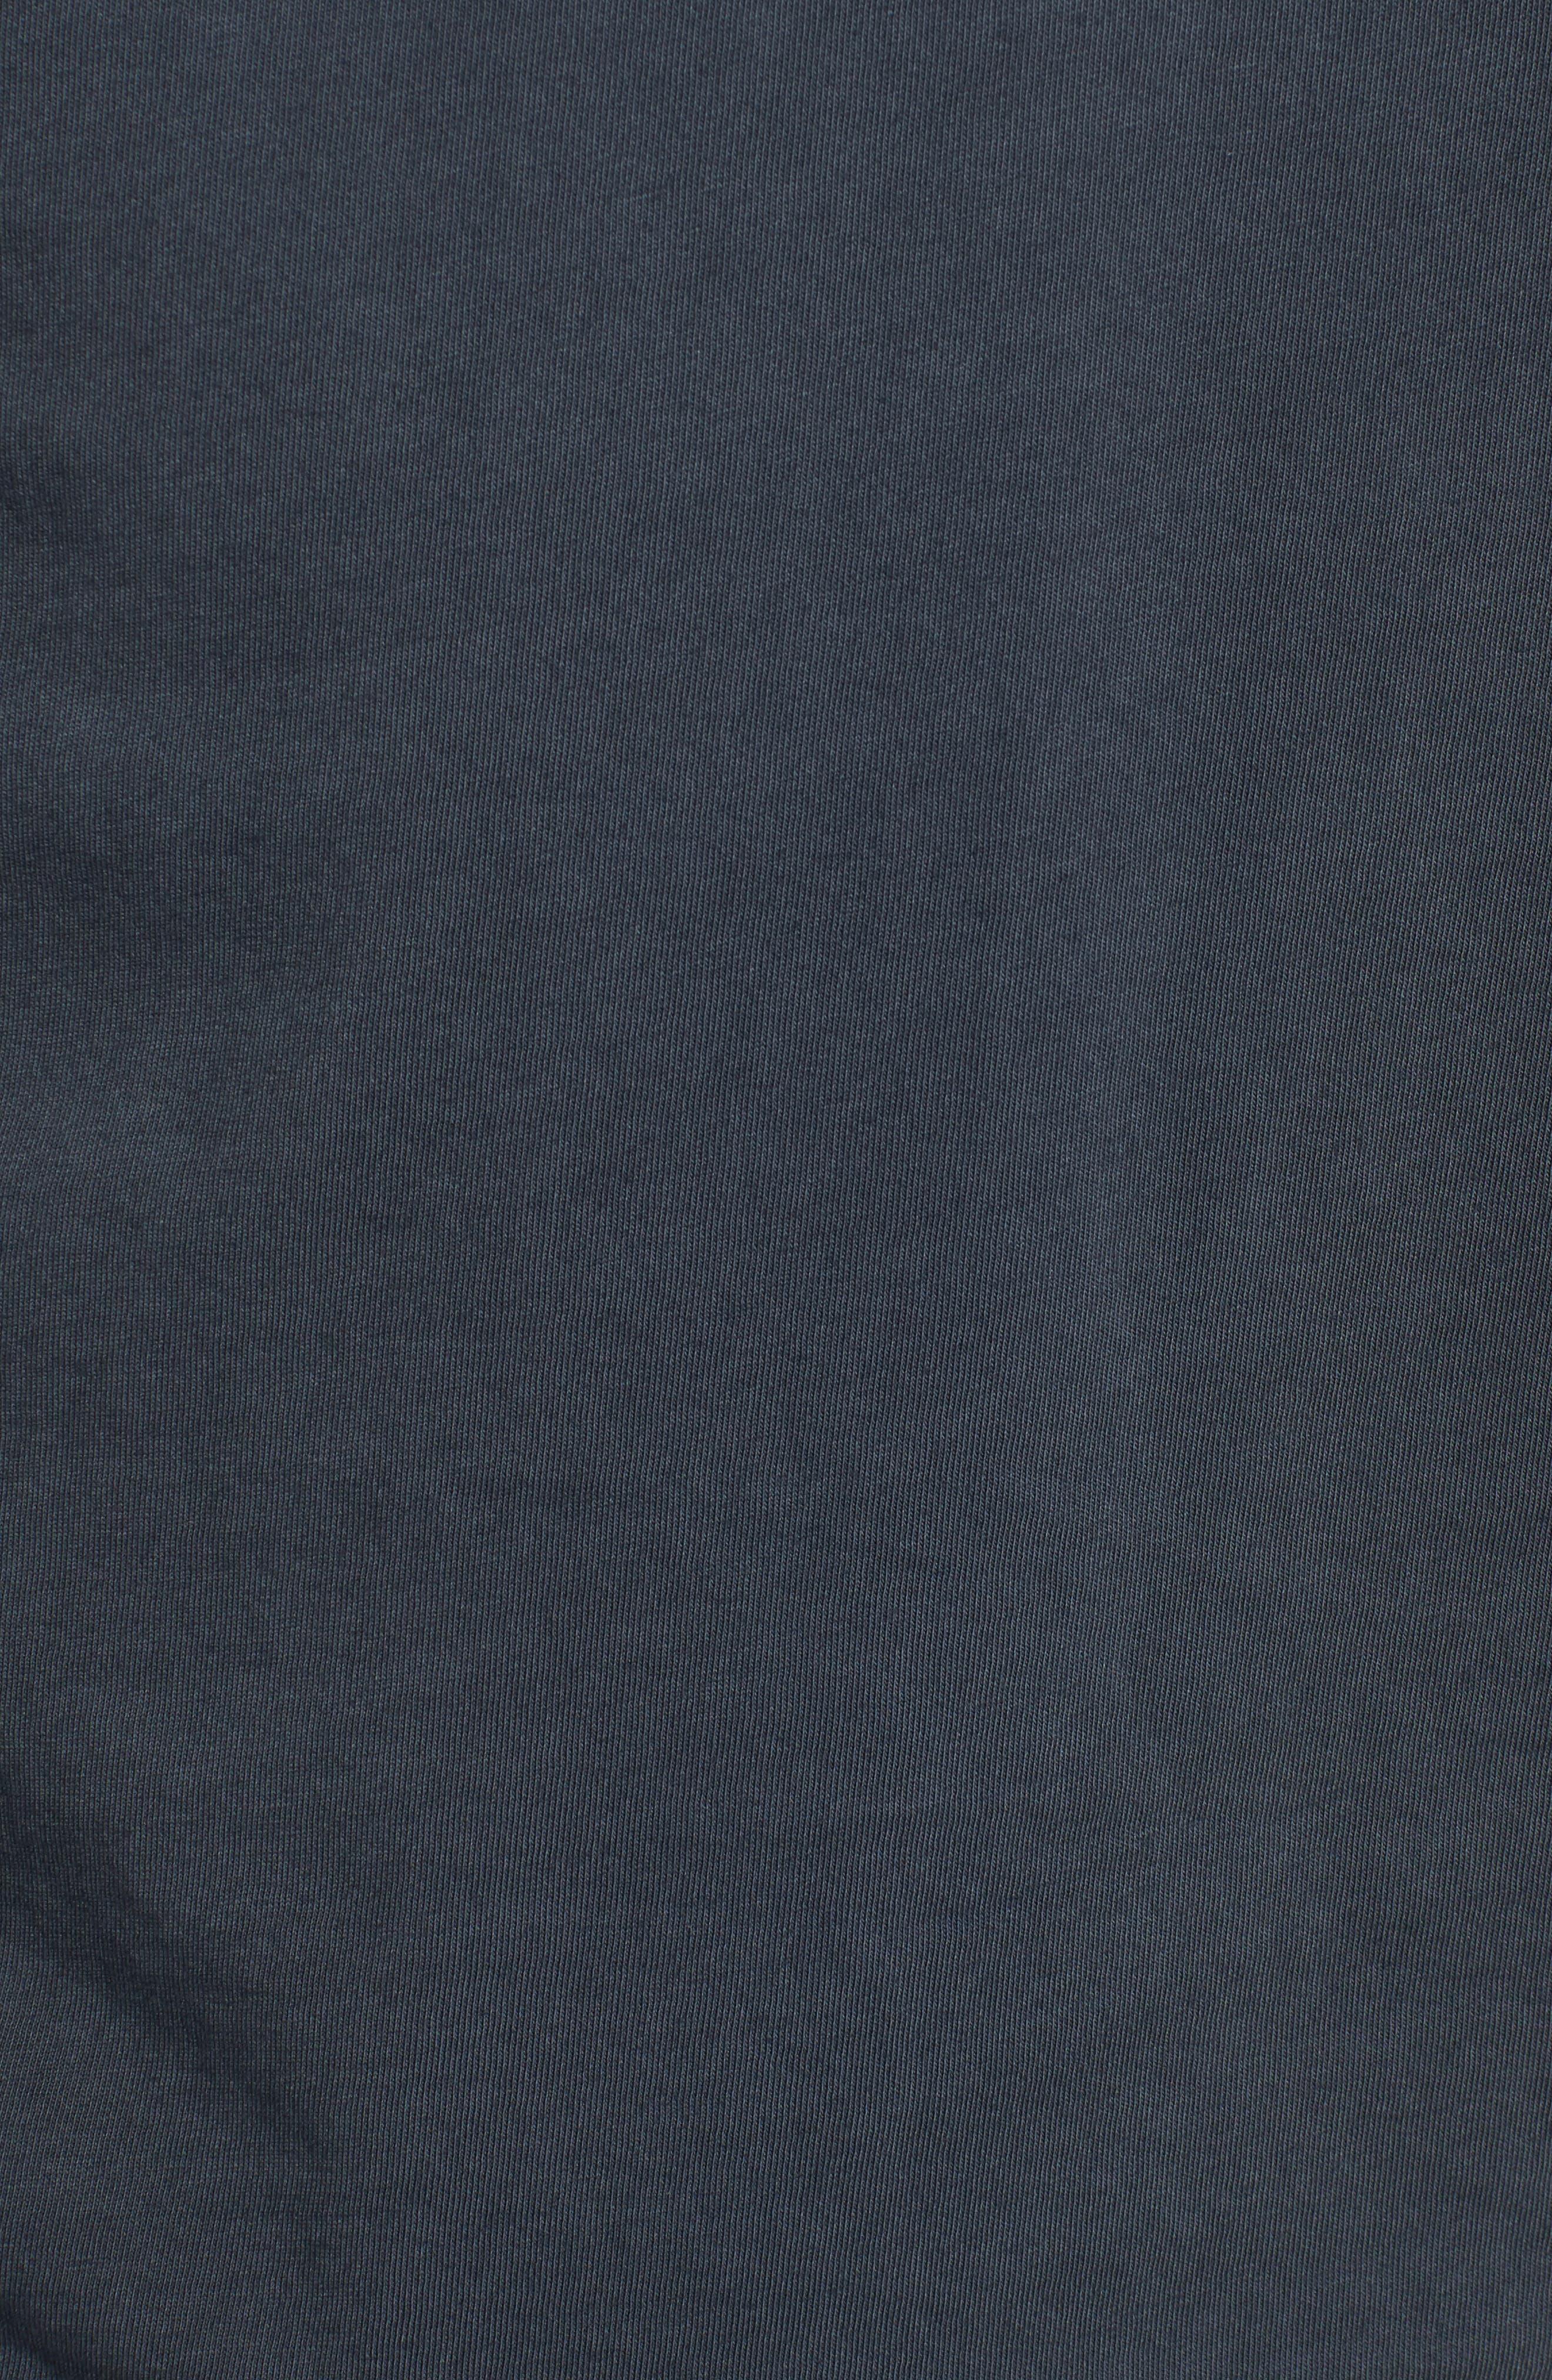 Long Sleeve Henley,                             Alternate thumbnail 5, color,                             Charcoal